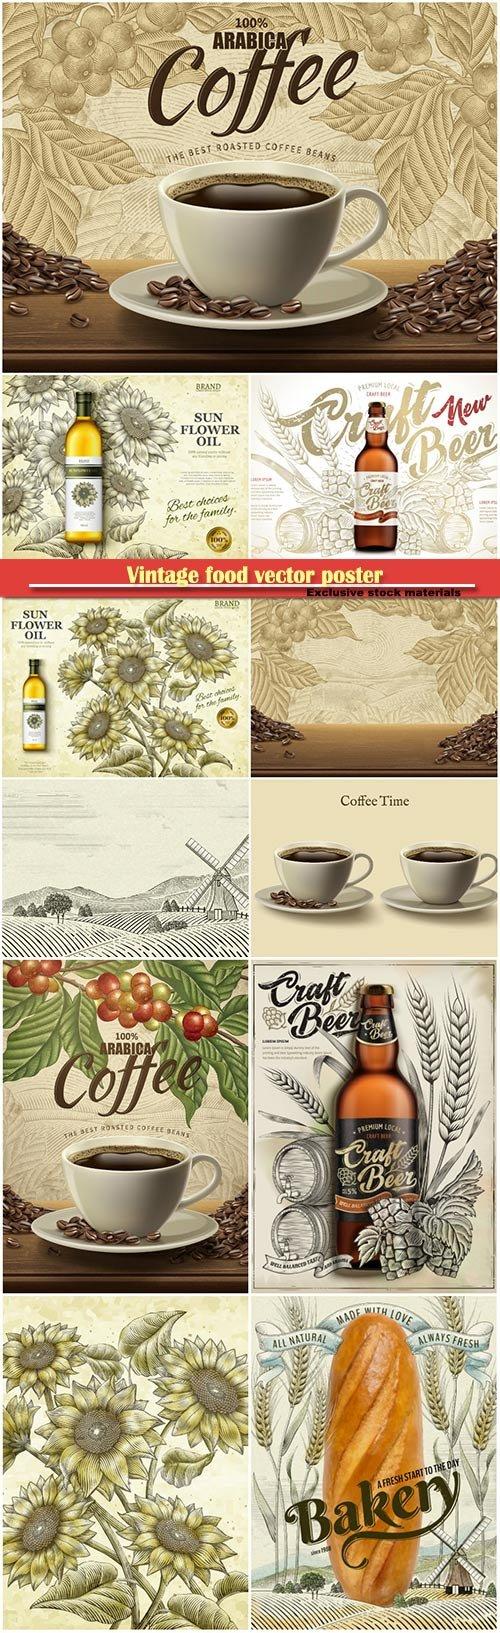 Vintage food vector poster, coffee,  bakery, oil, beer